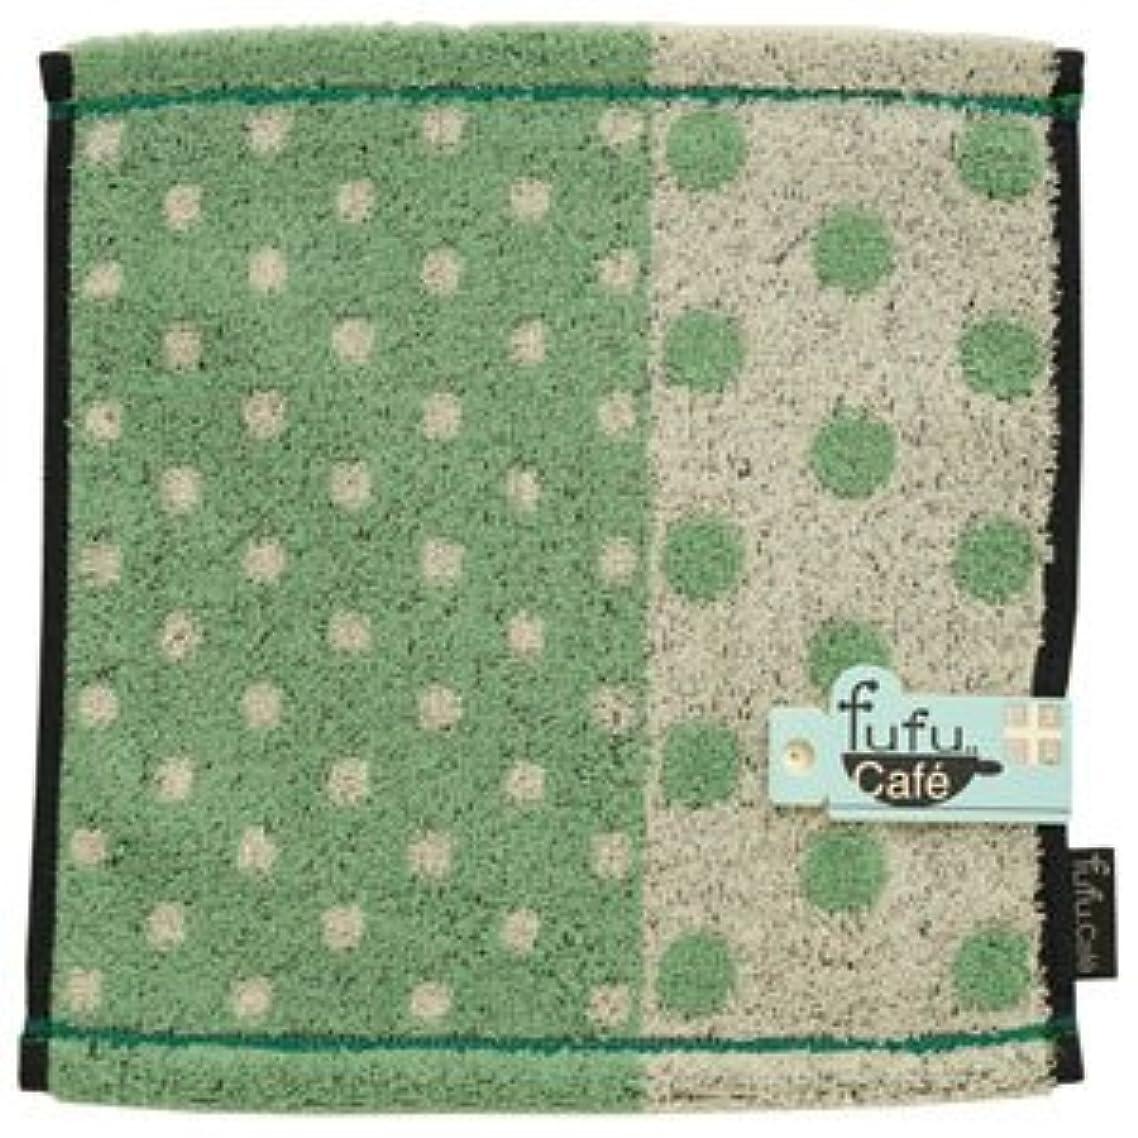 フフモノフォーム カフェドッツ タオルチーフ(グリーン)fufu mono form FUC-30165/GR